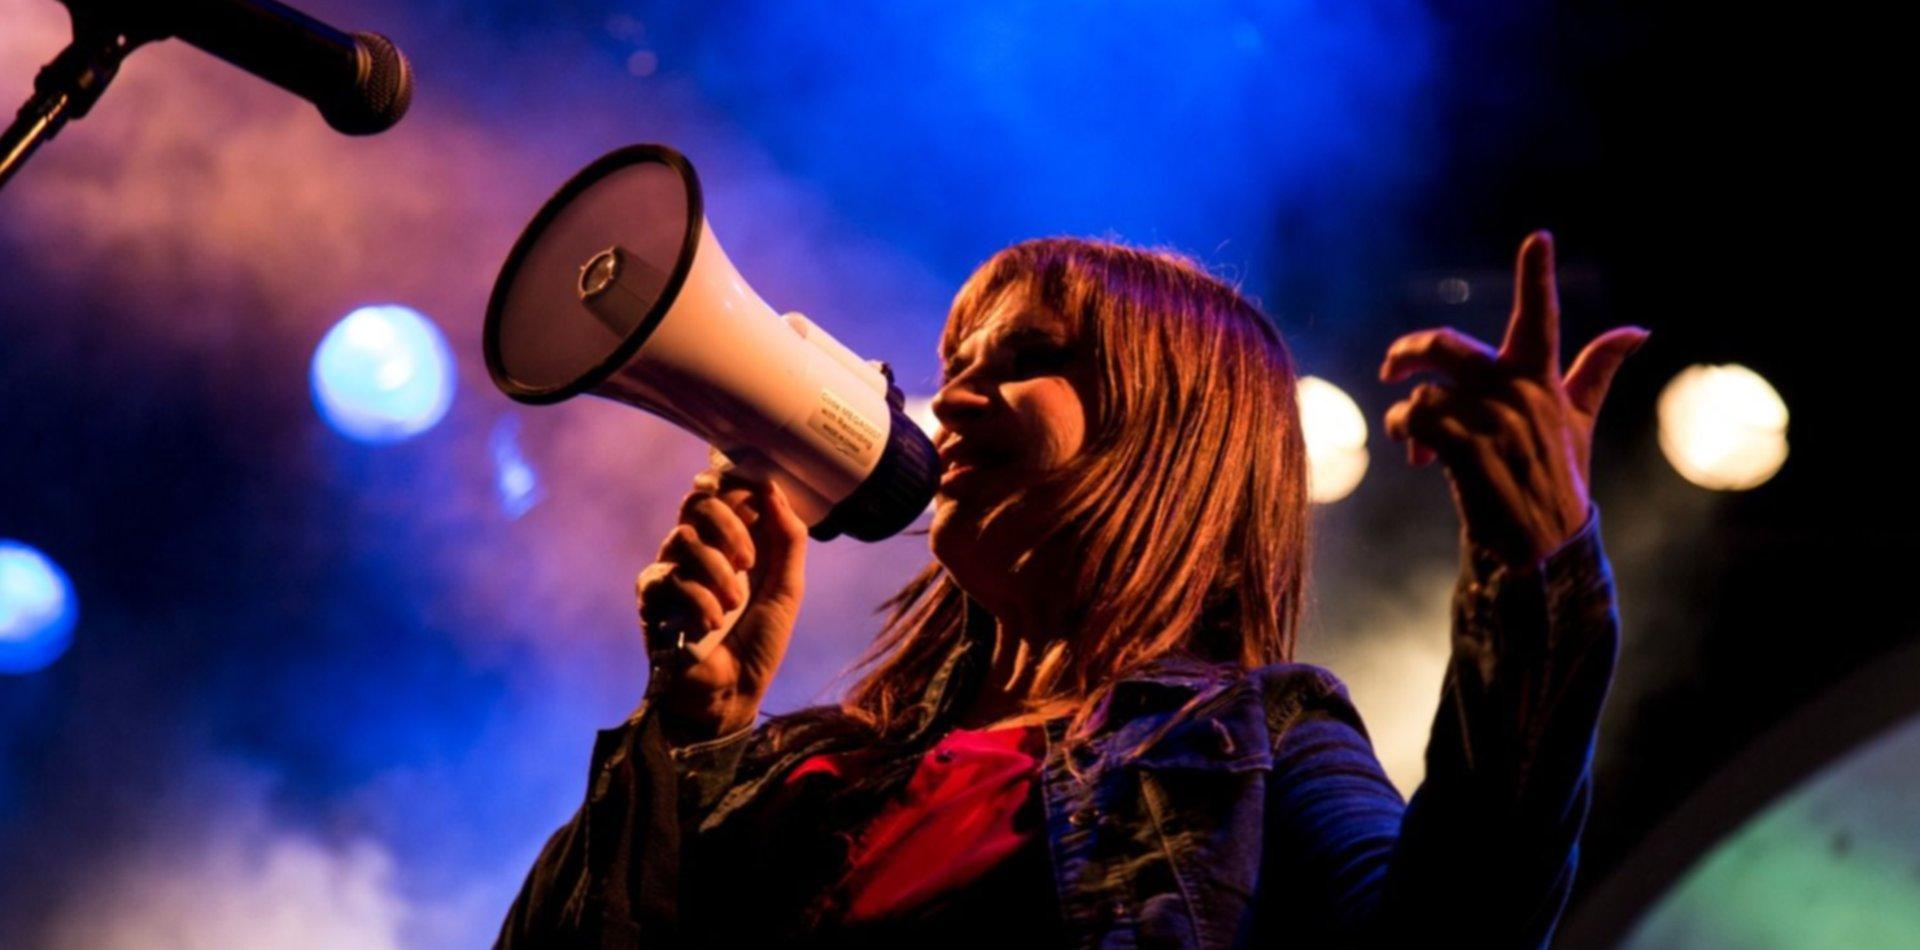 Los artistas y espectáculos que protagonizan la agenda cultural de esta semana en La Plata